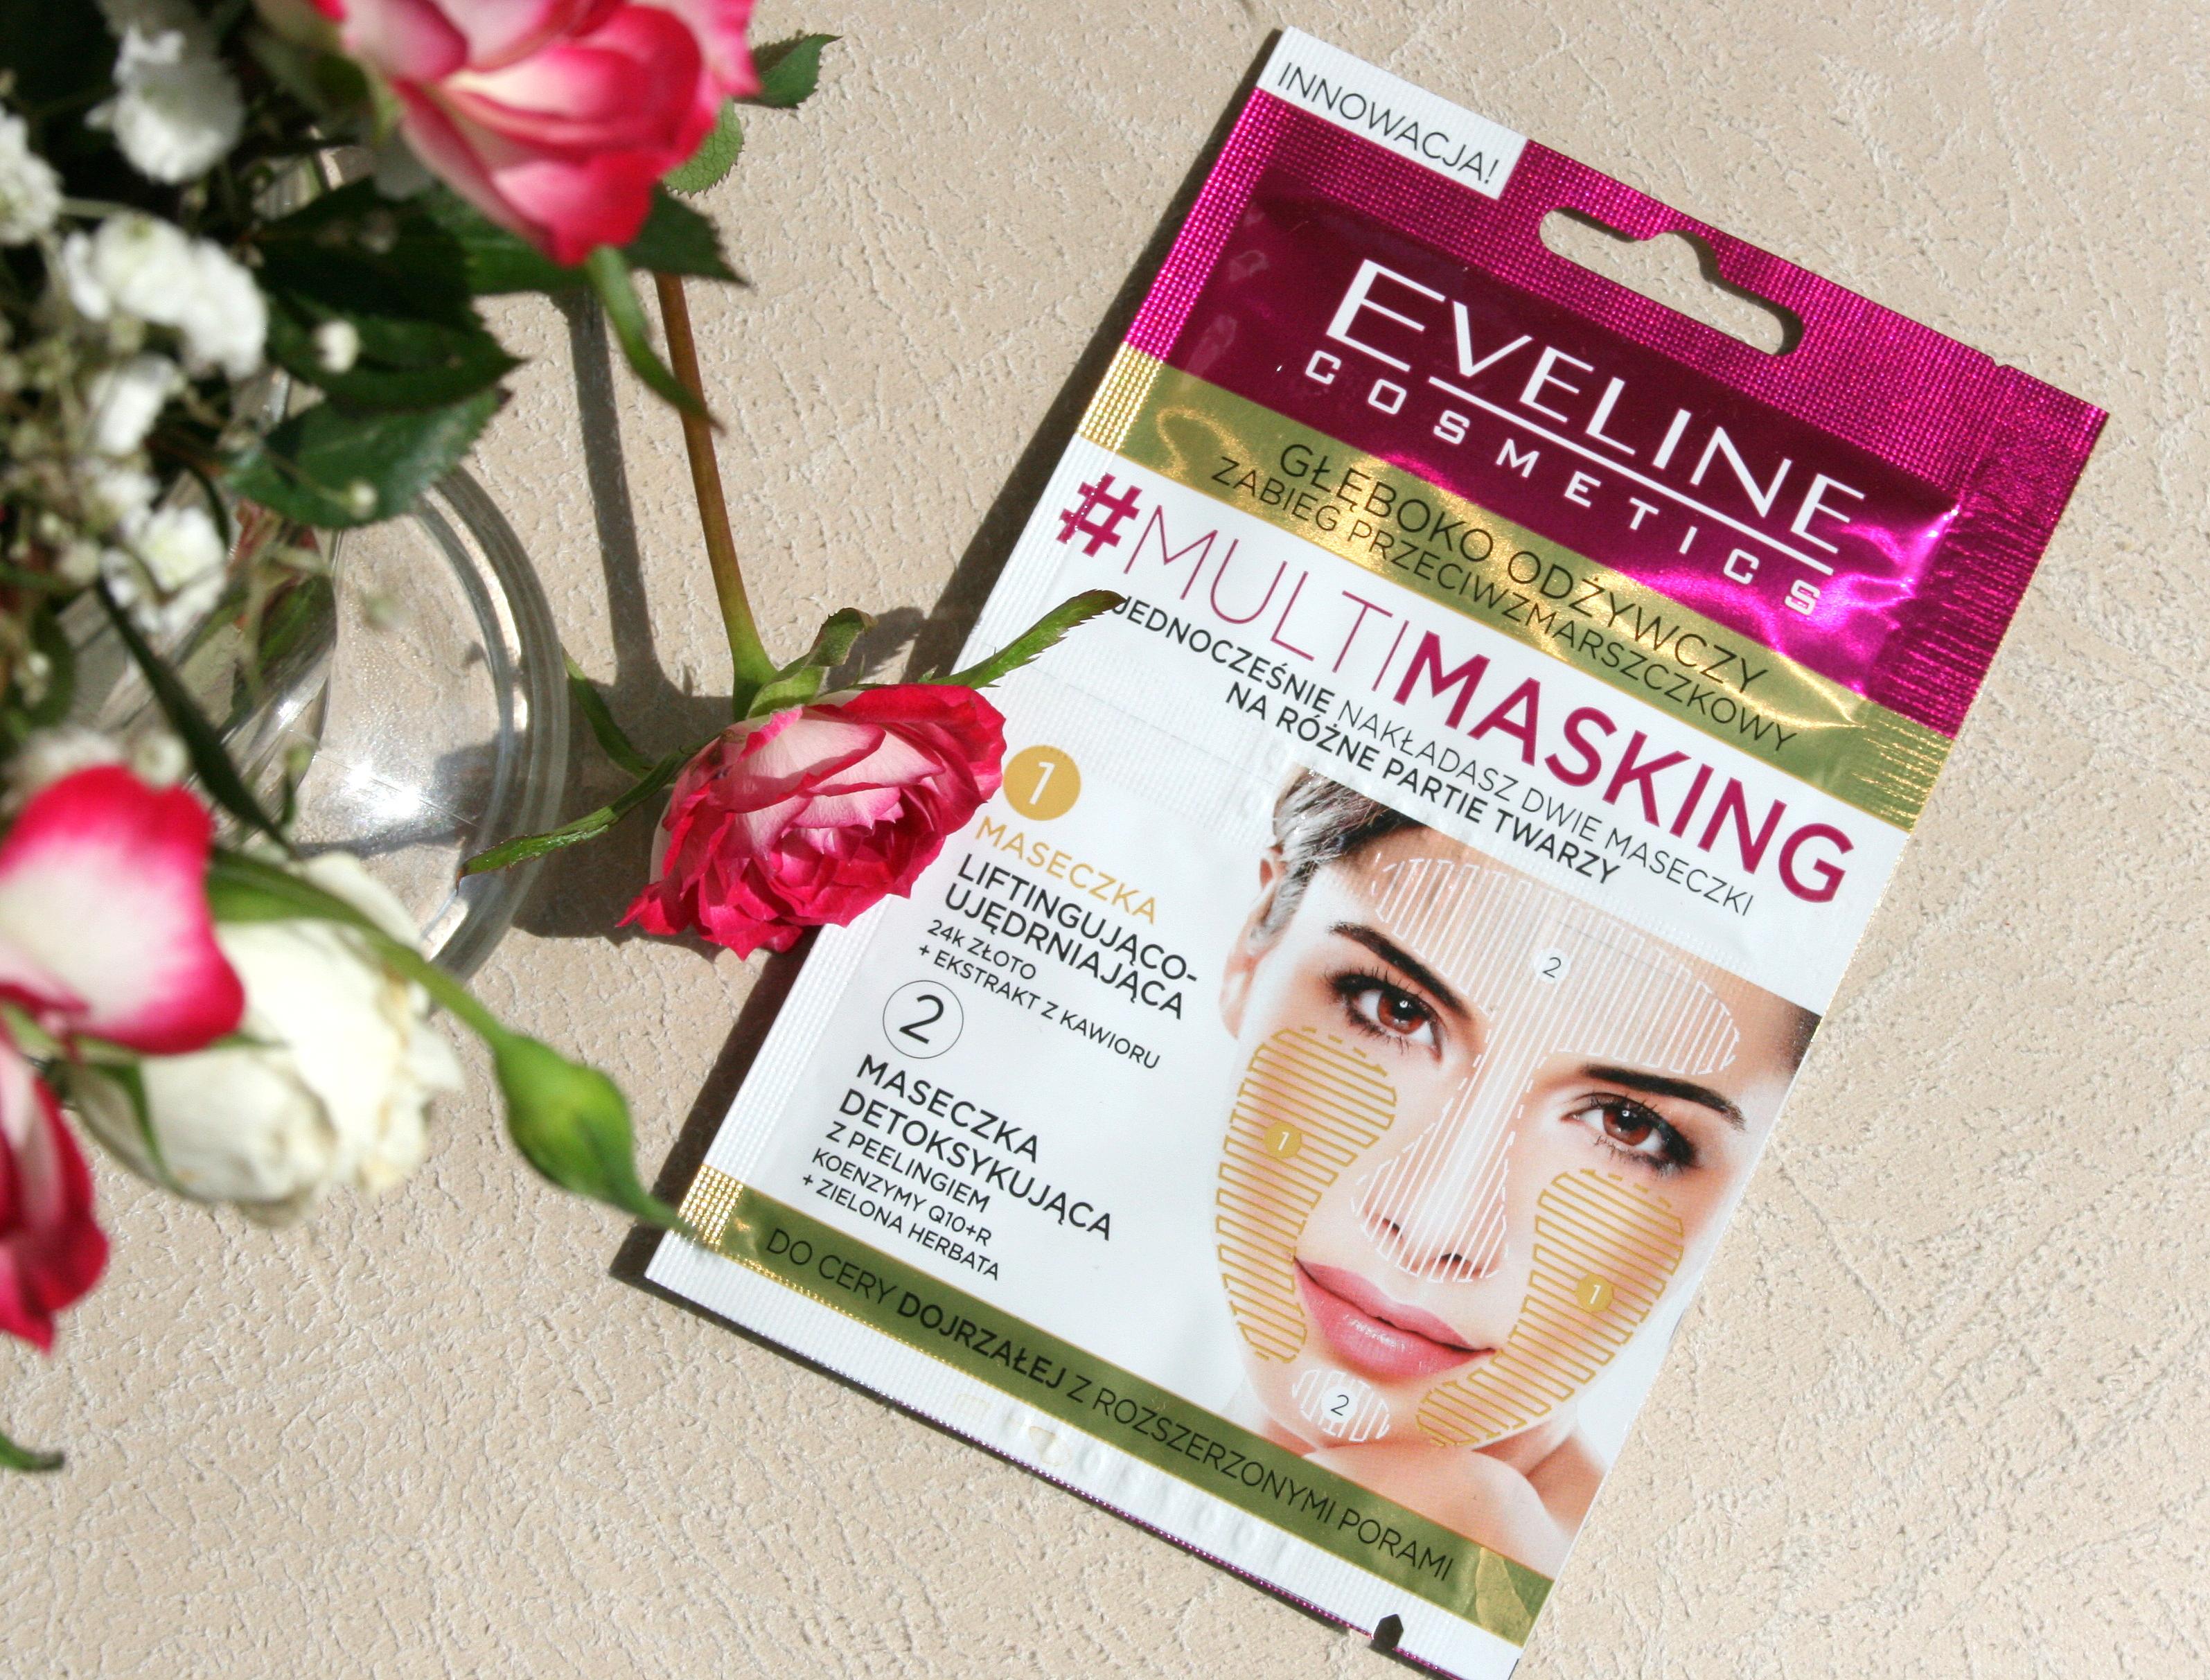 Eveline Multimasking zabieg przeciwzmarszczkowy oraz redukujący zaczerwienienia